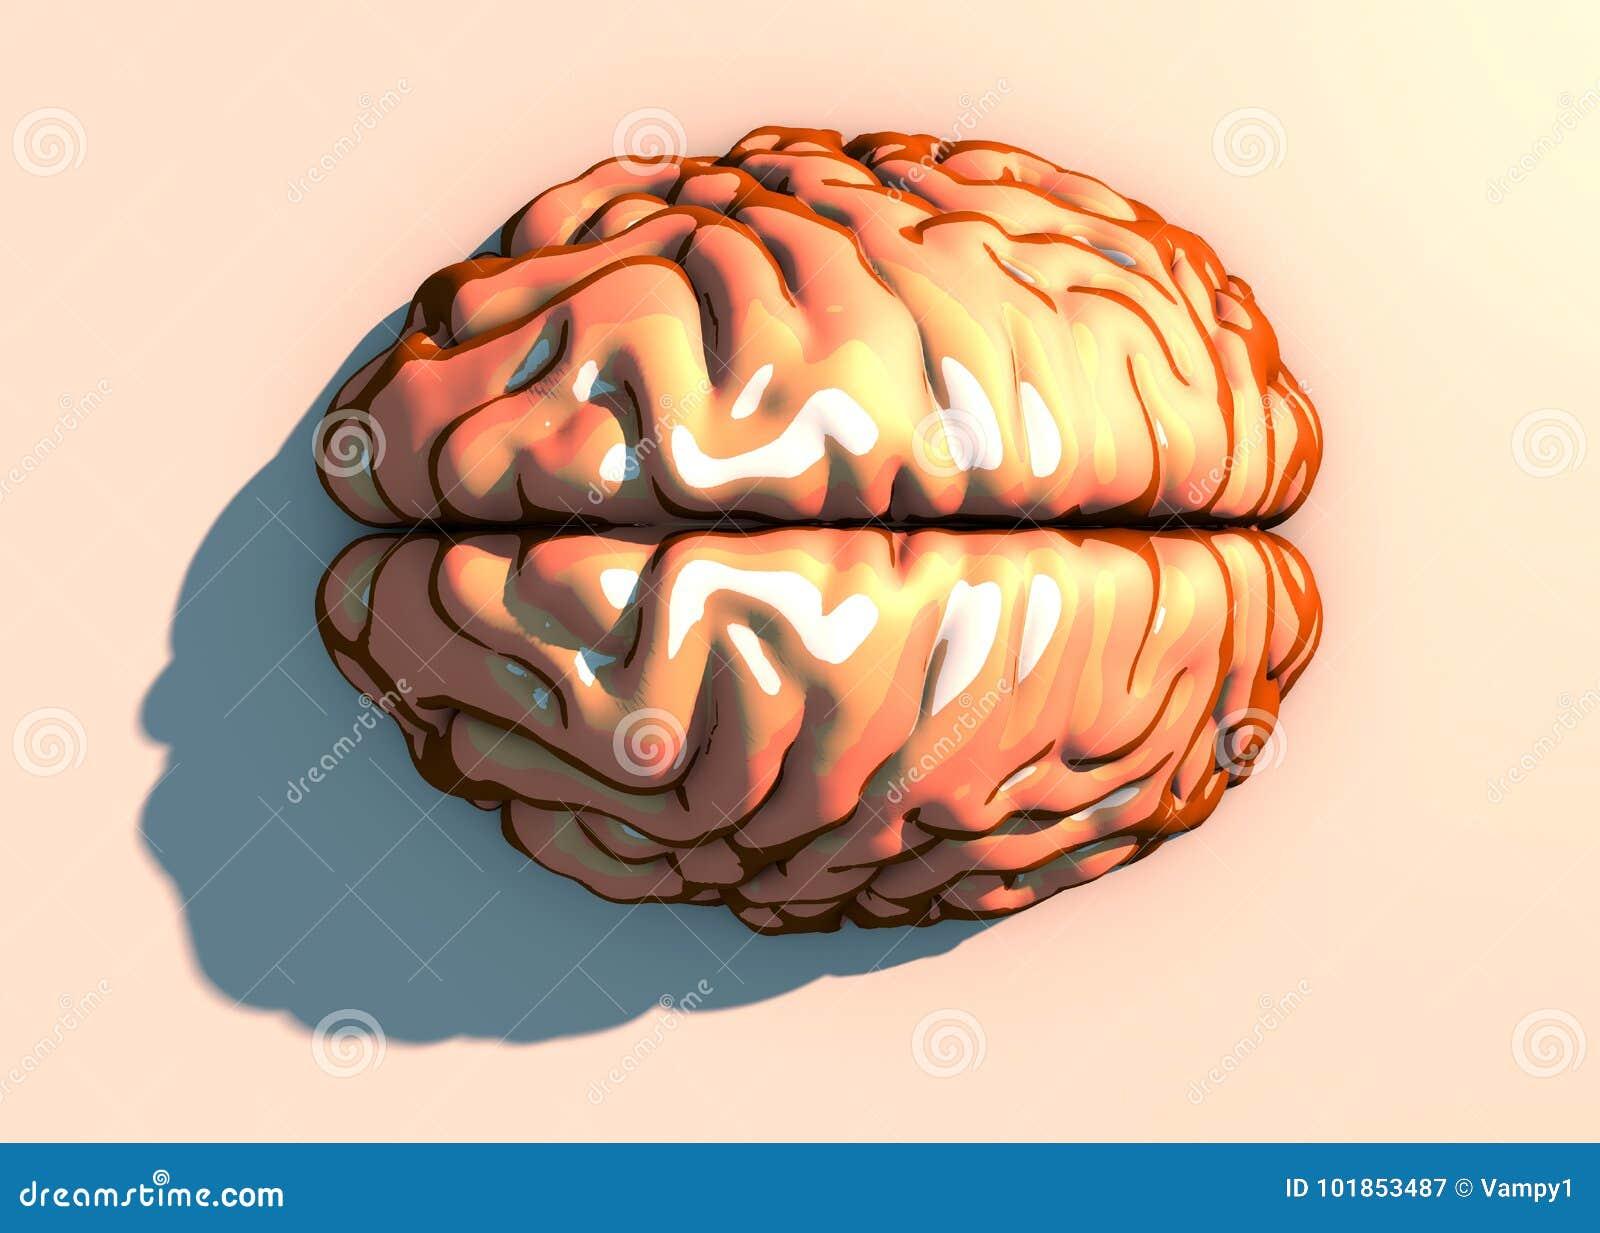 Circuito Neuronal : Cerebro neuronas sinapsis circuito de neuronas enfermedades